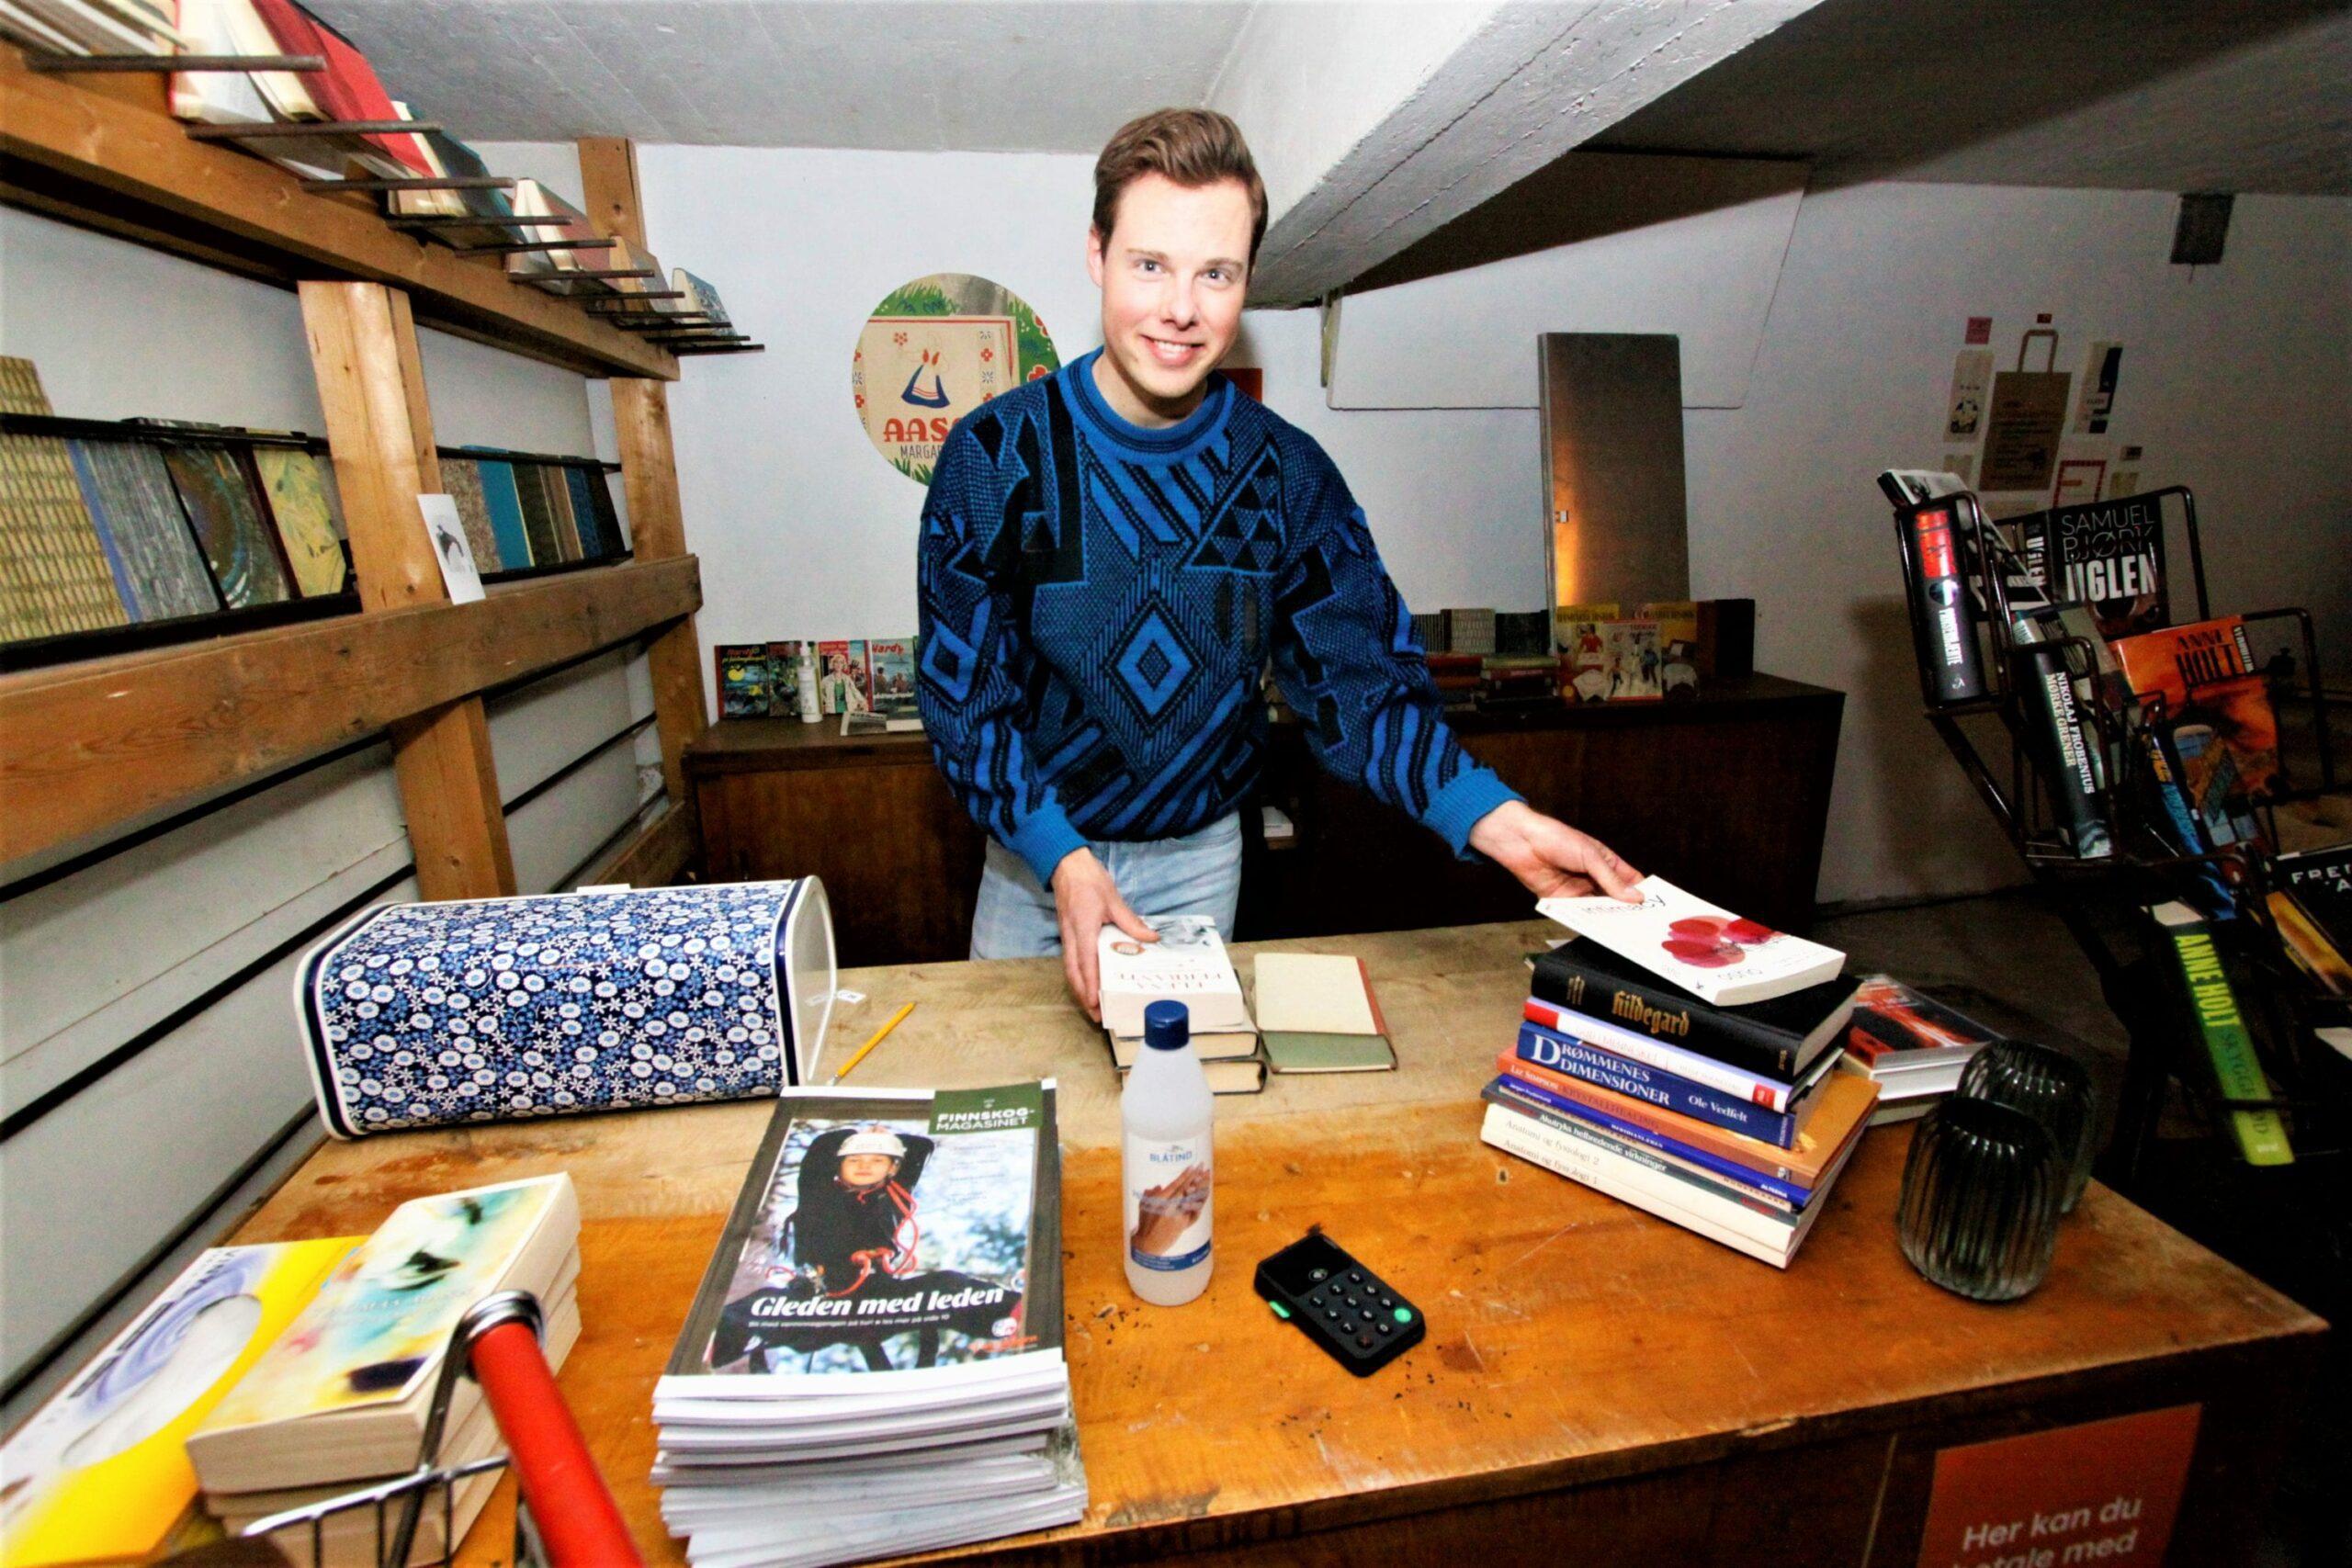 STORTRIVES: Andreas Søvik Helgeberg flyttet tilbake til Svullrya i juni 2019, og sier han stortrives. Her er han bak disken i sitt nyåpnede bokhandleri. Foto: Liv Rønnaug B. Lilleåsen